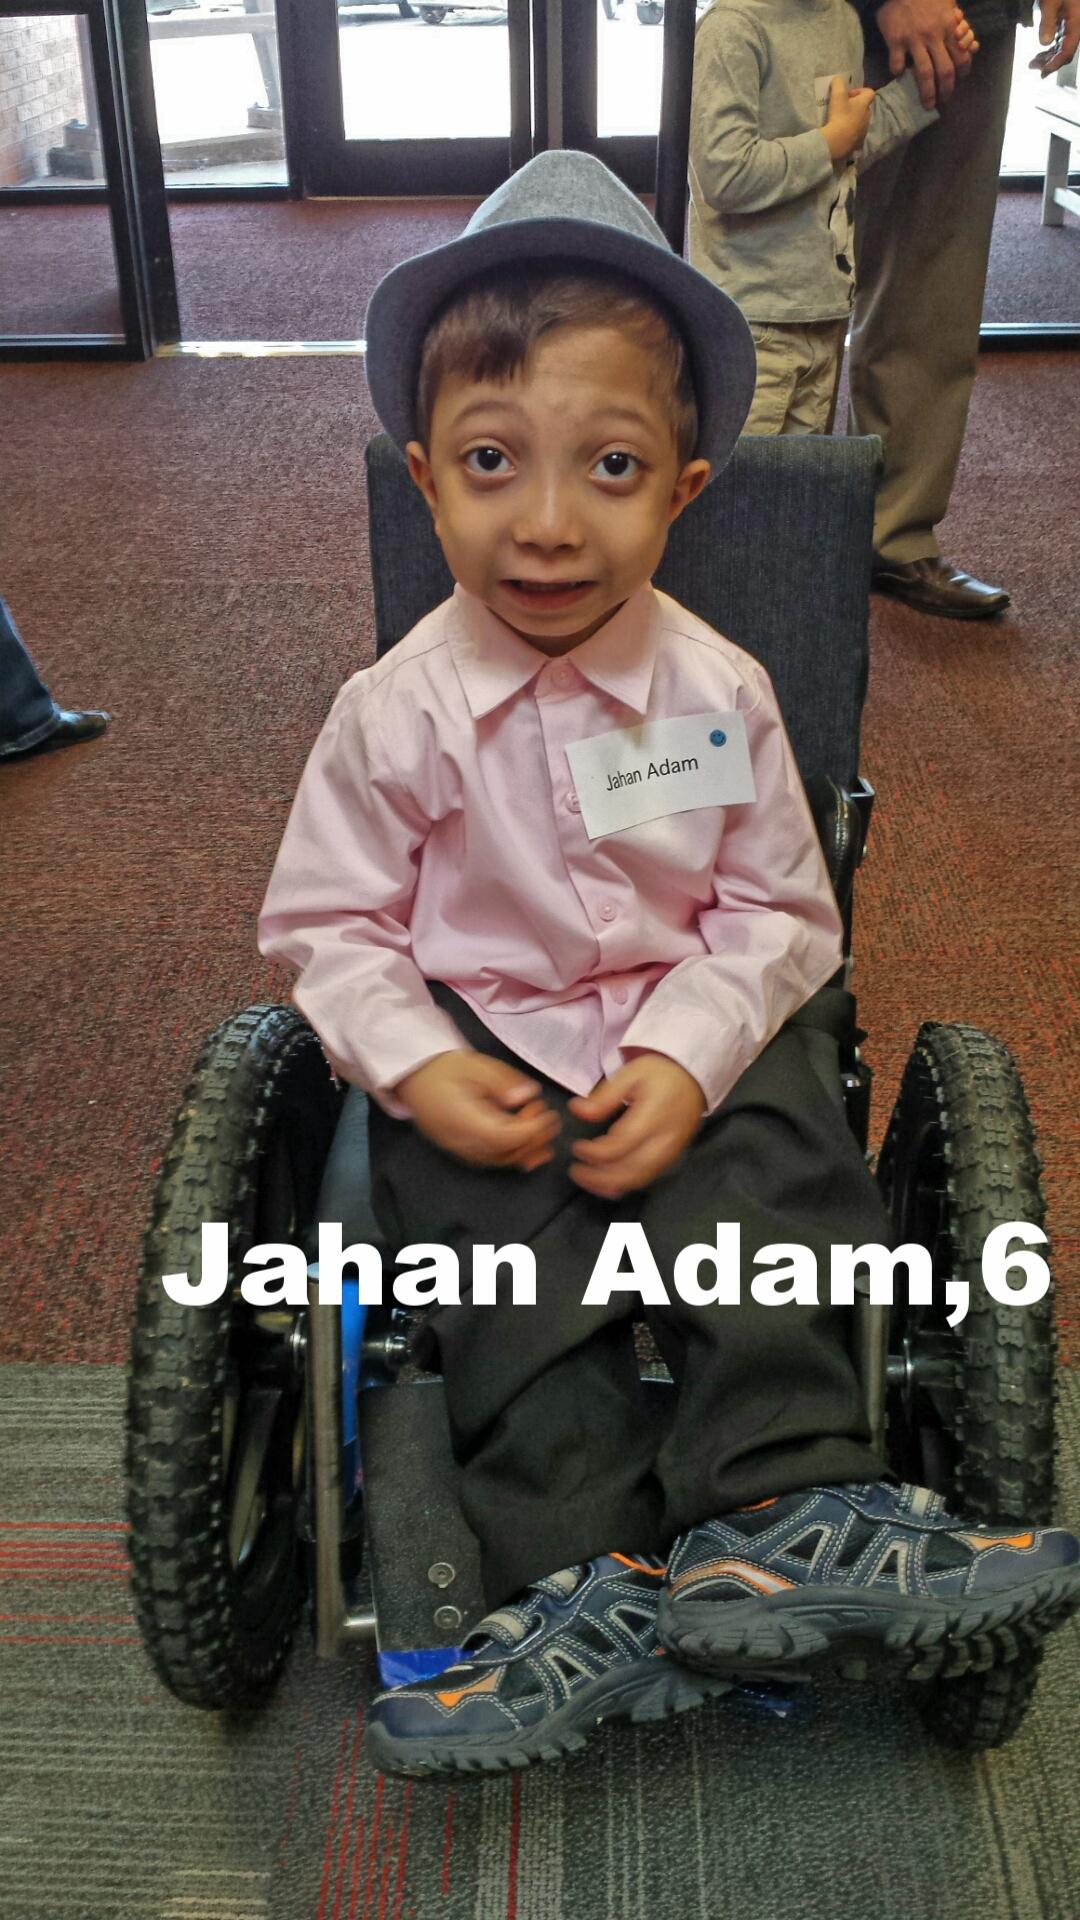 Jahan Adam, 6